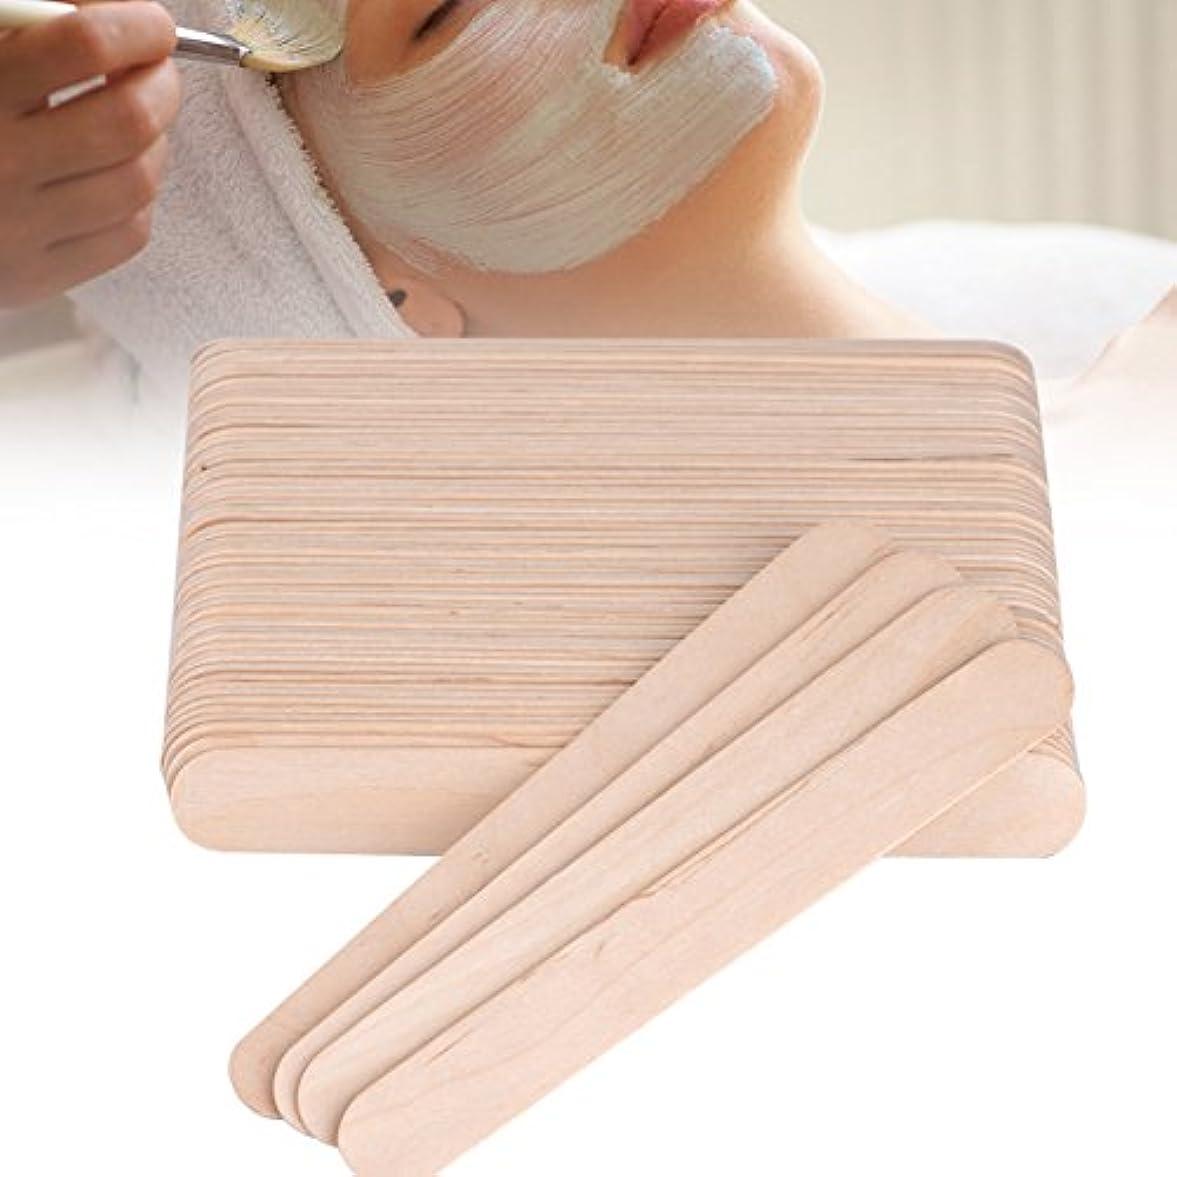 絶対の独創的にはまって舌圧子ワックススティックスパチュラアプリケーター木製スパチュラ使い捨て業務用木製 100PCS /バッグ